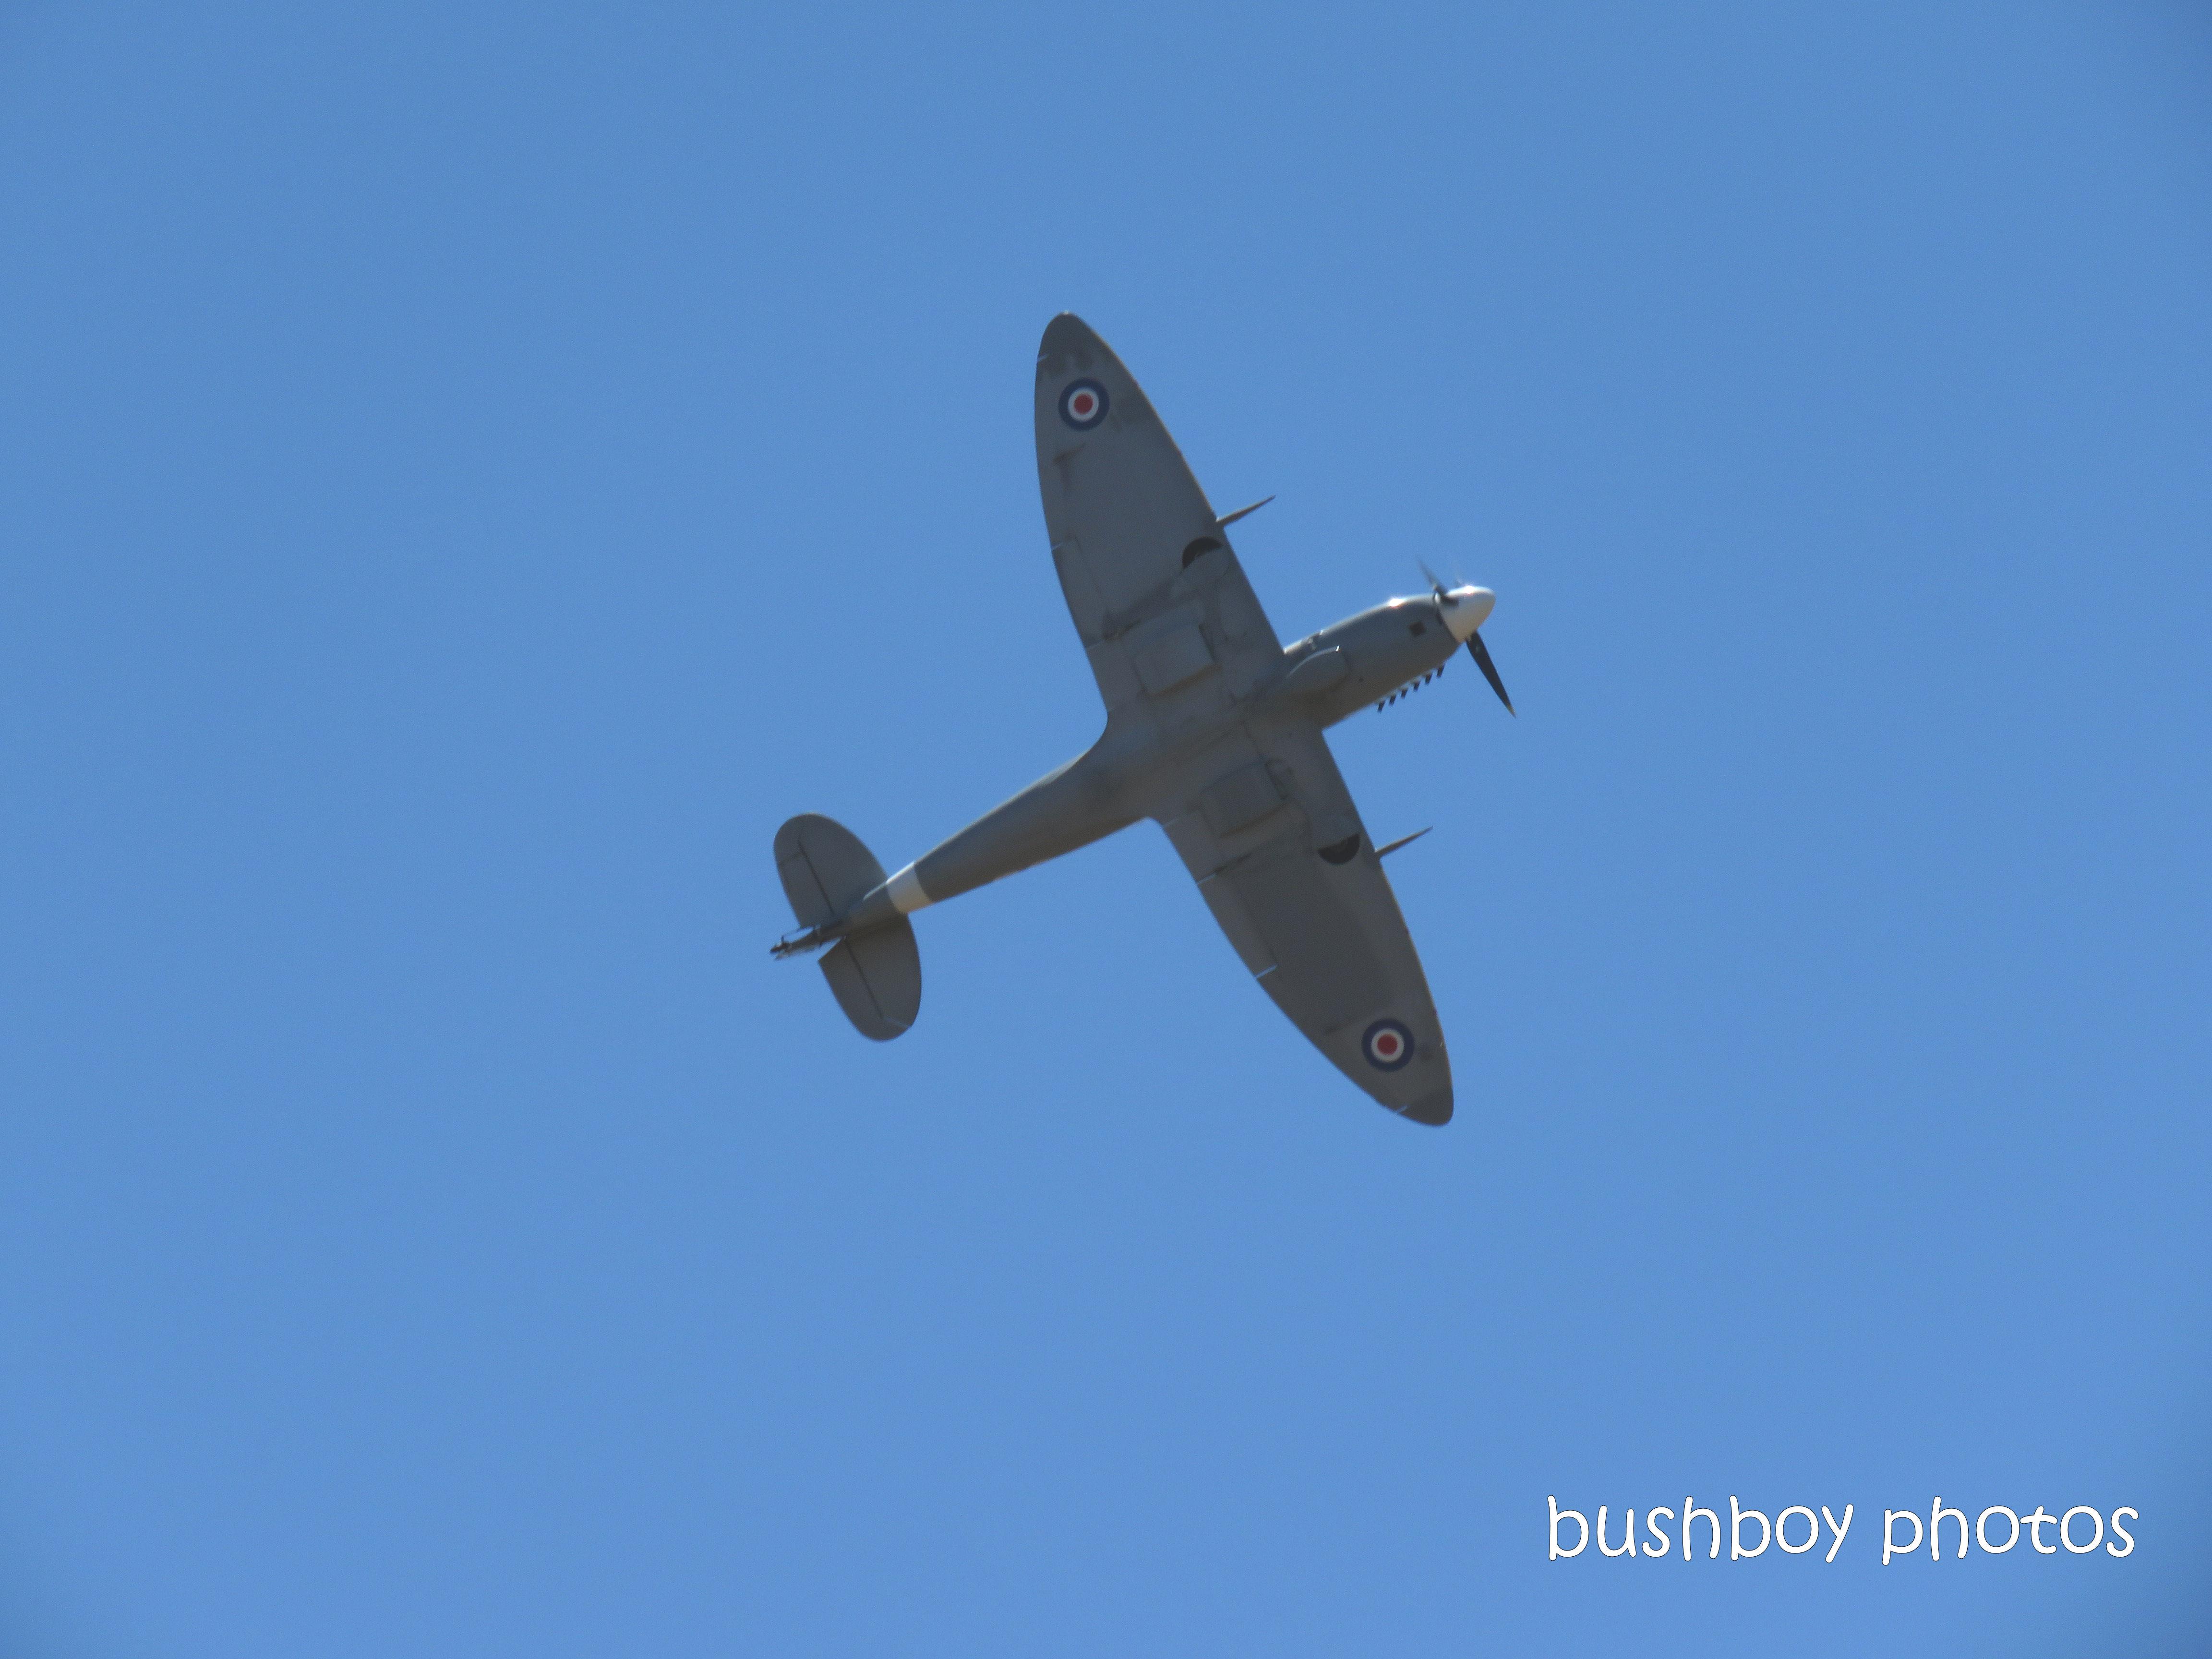 190218_blog_challenge_up_aeroplane4